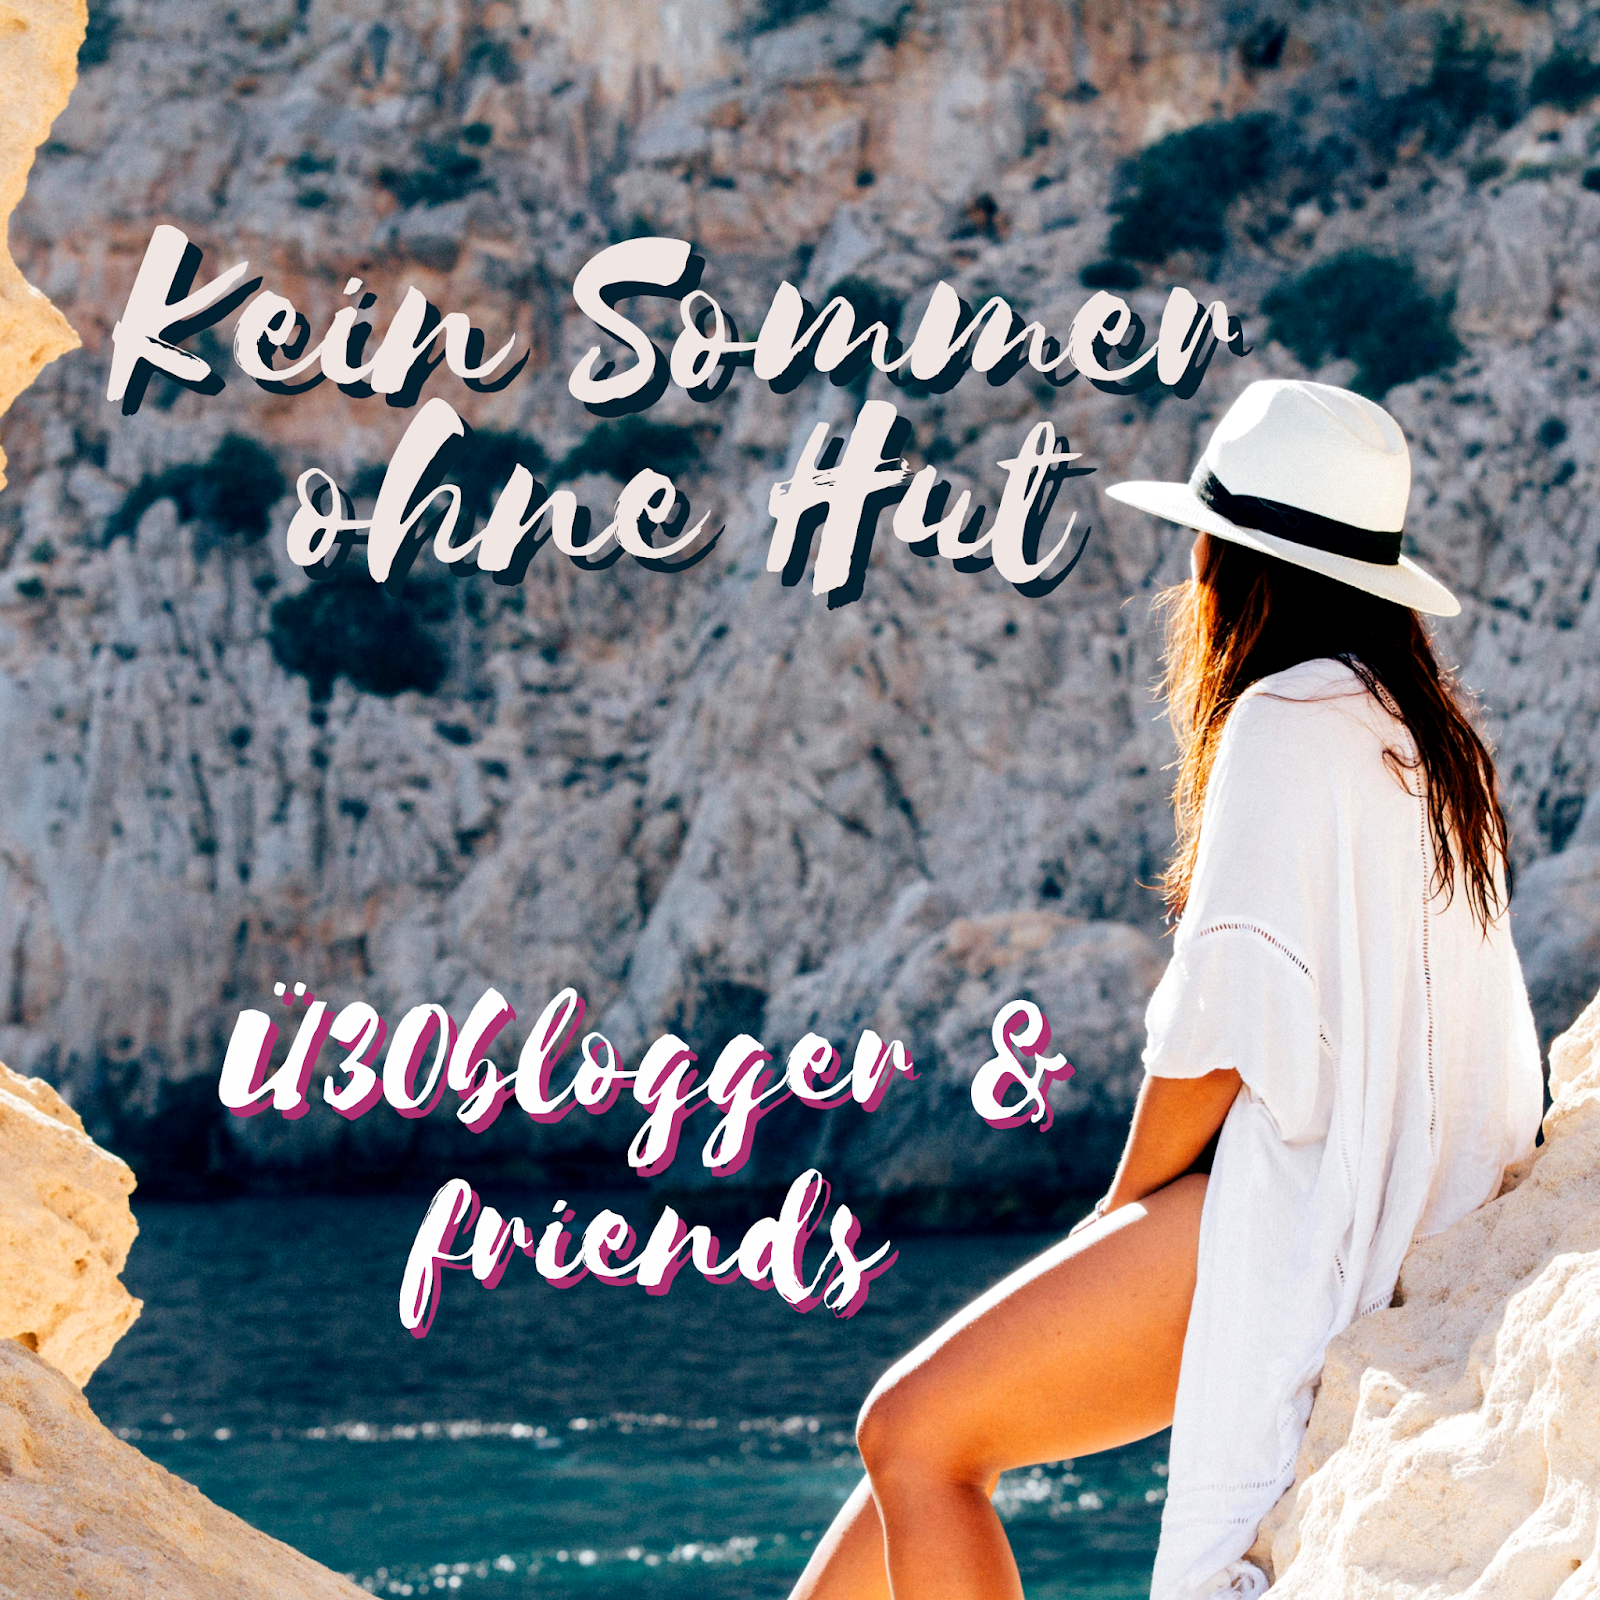 [ü30blogger Blogparade] Kein Sommer ohne Hut für mich